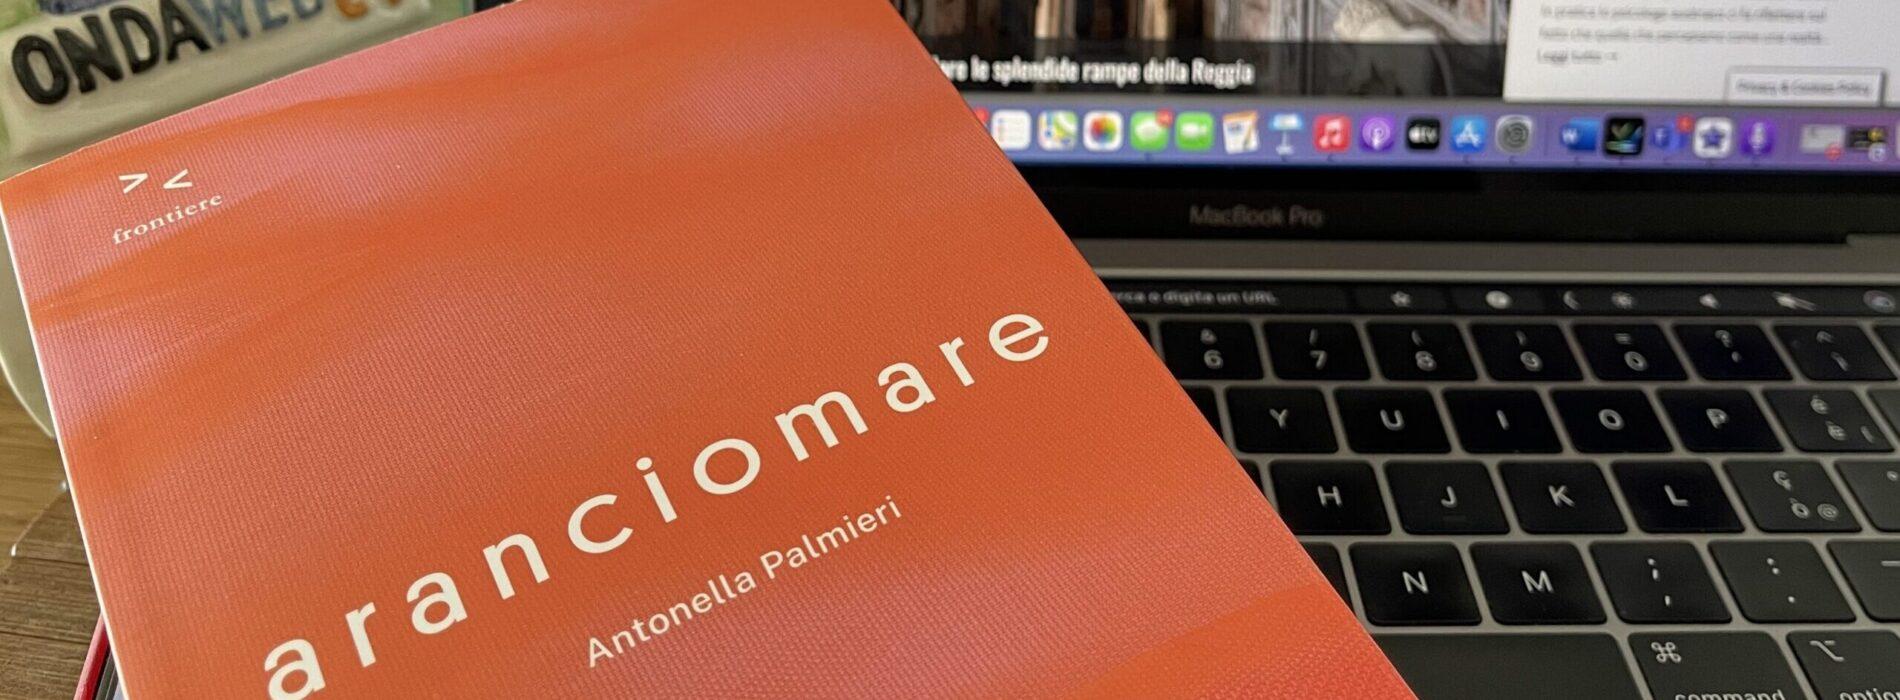 Aranciomare, fruscii di seta nel romanzo di Antonella Palmieri